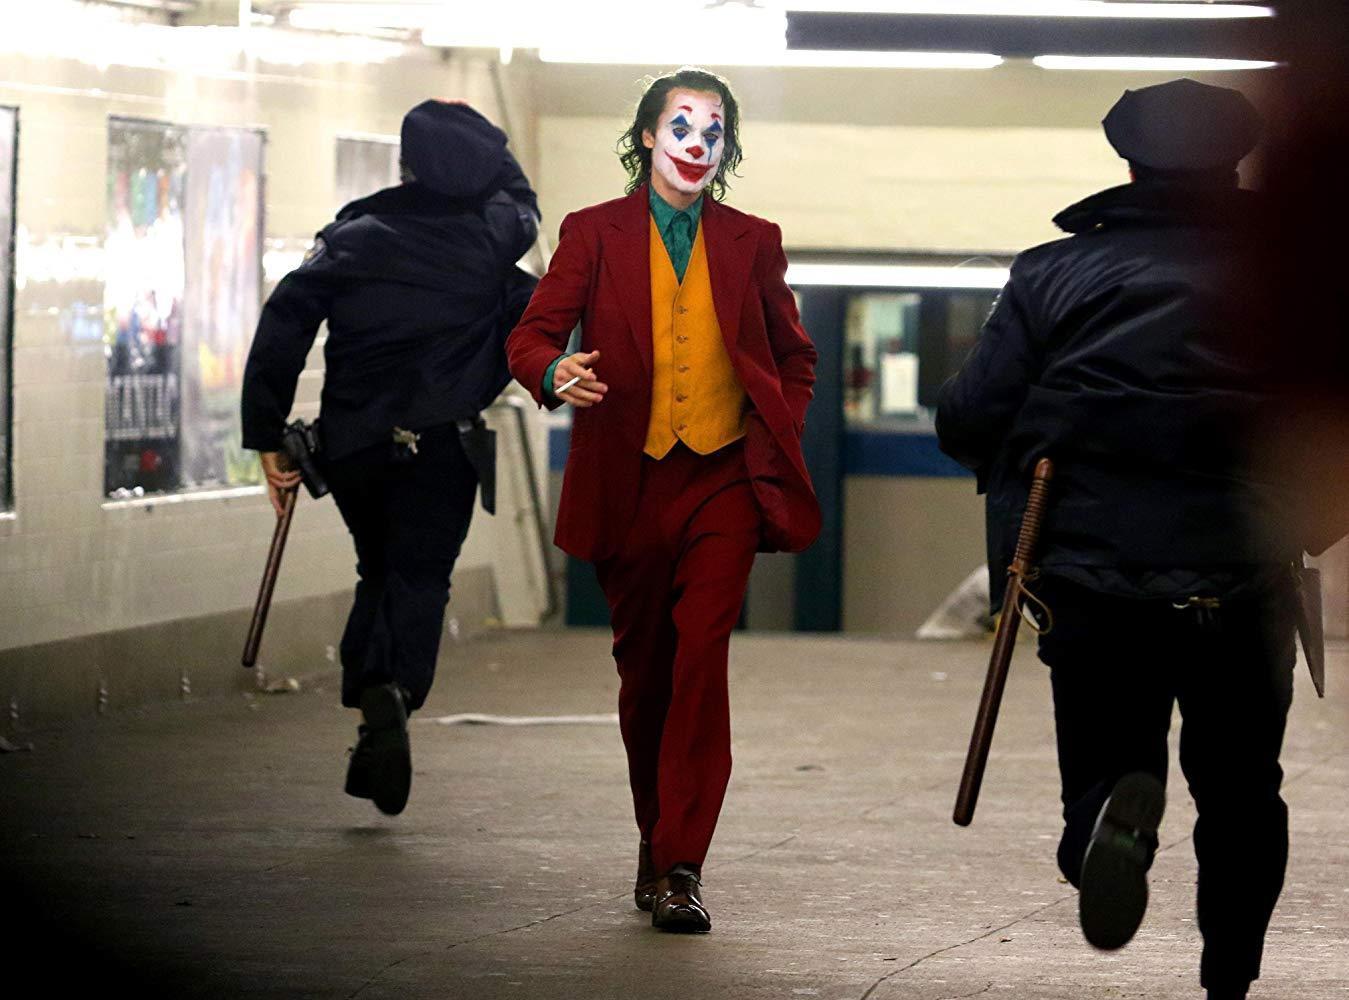 Soi nhanh một loạt Joker: Có thể Joaquin Phoenix là điên nhất nhưng chuẩn nguyên tác lại là người khác - Ảnh 13.